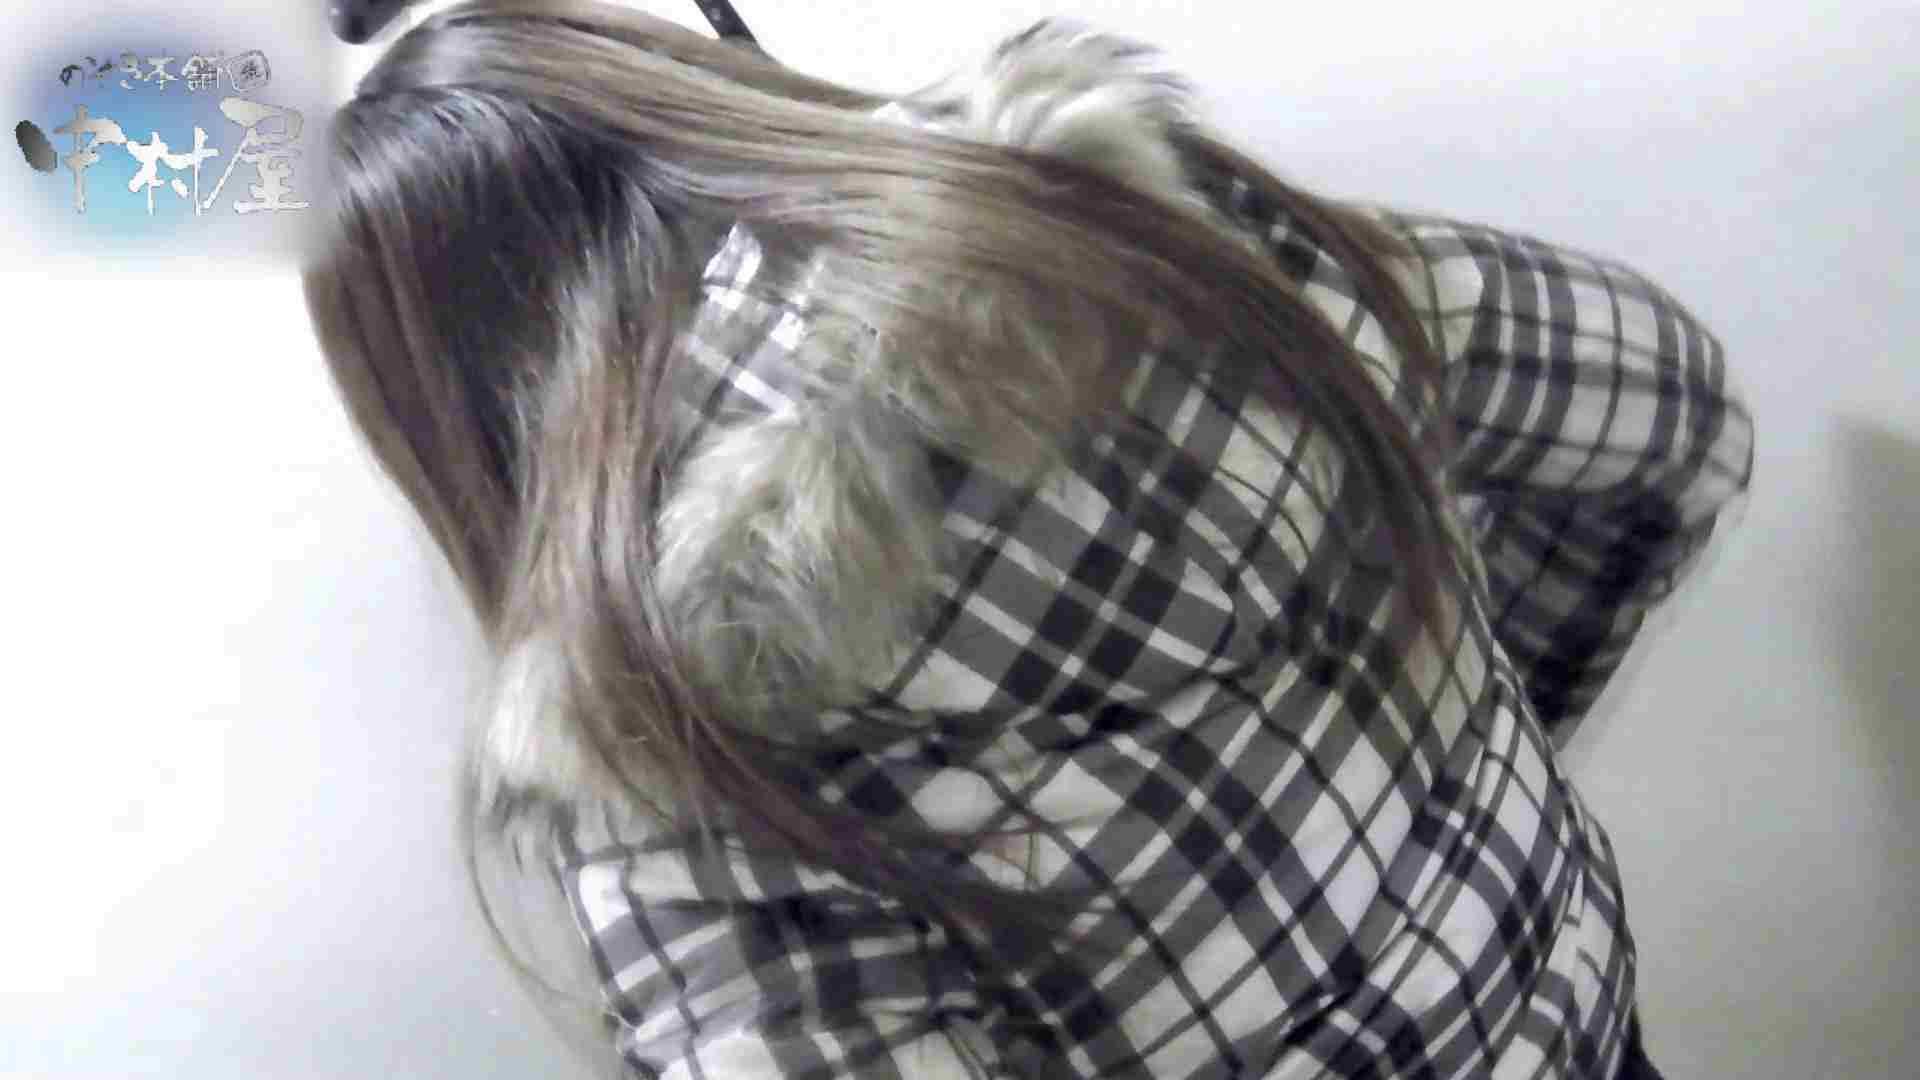 乙女集まる!ショッピングモール潜入撮vol.08 丸見え 隠し撮りオマンコ動画紹介 34連発 3